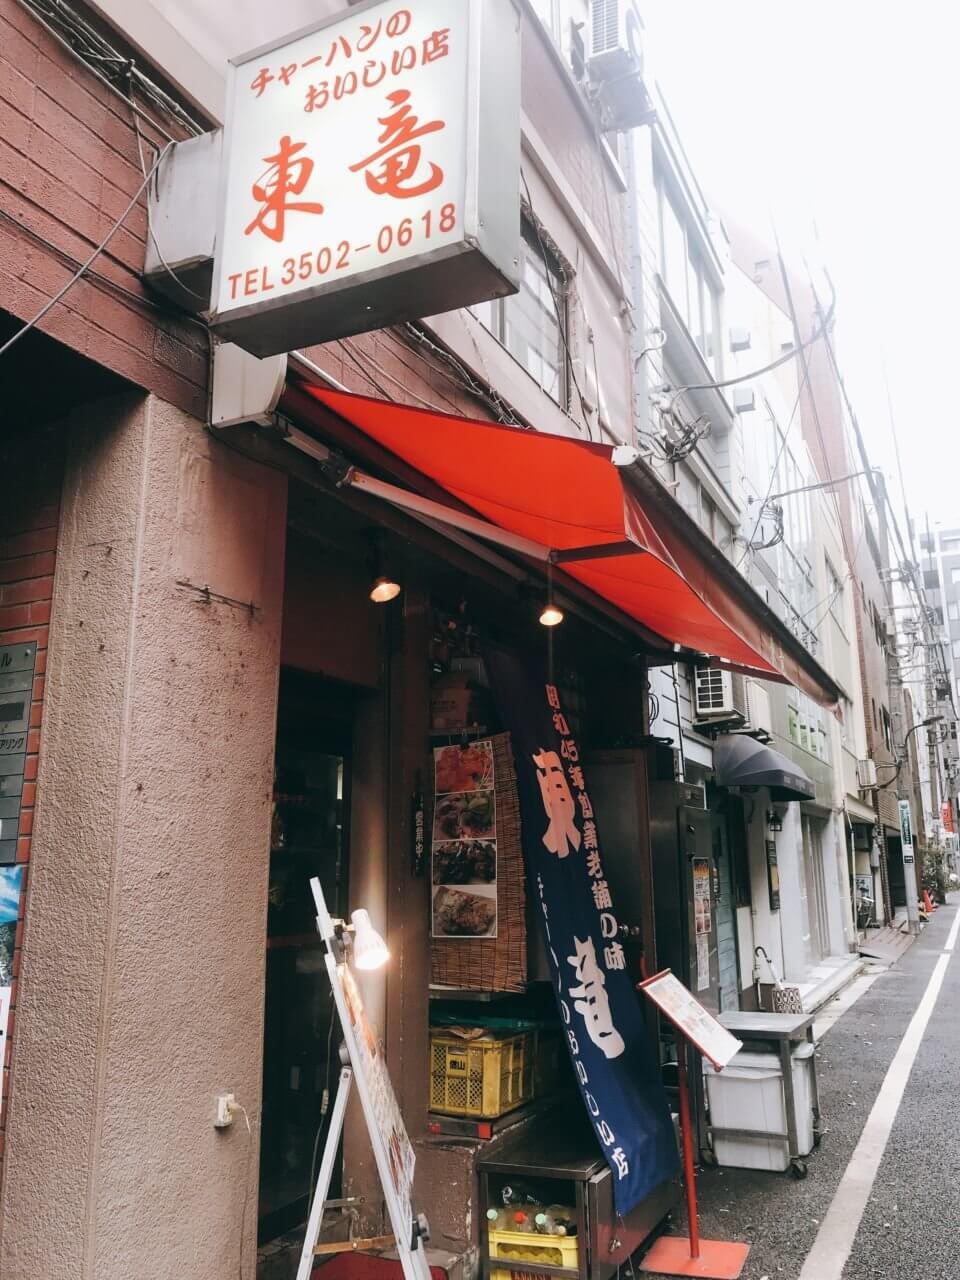 東竜(ひがしりゅう)新橋店 チャーハンのおいしいお店の看板の外観